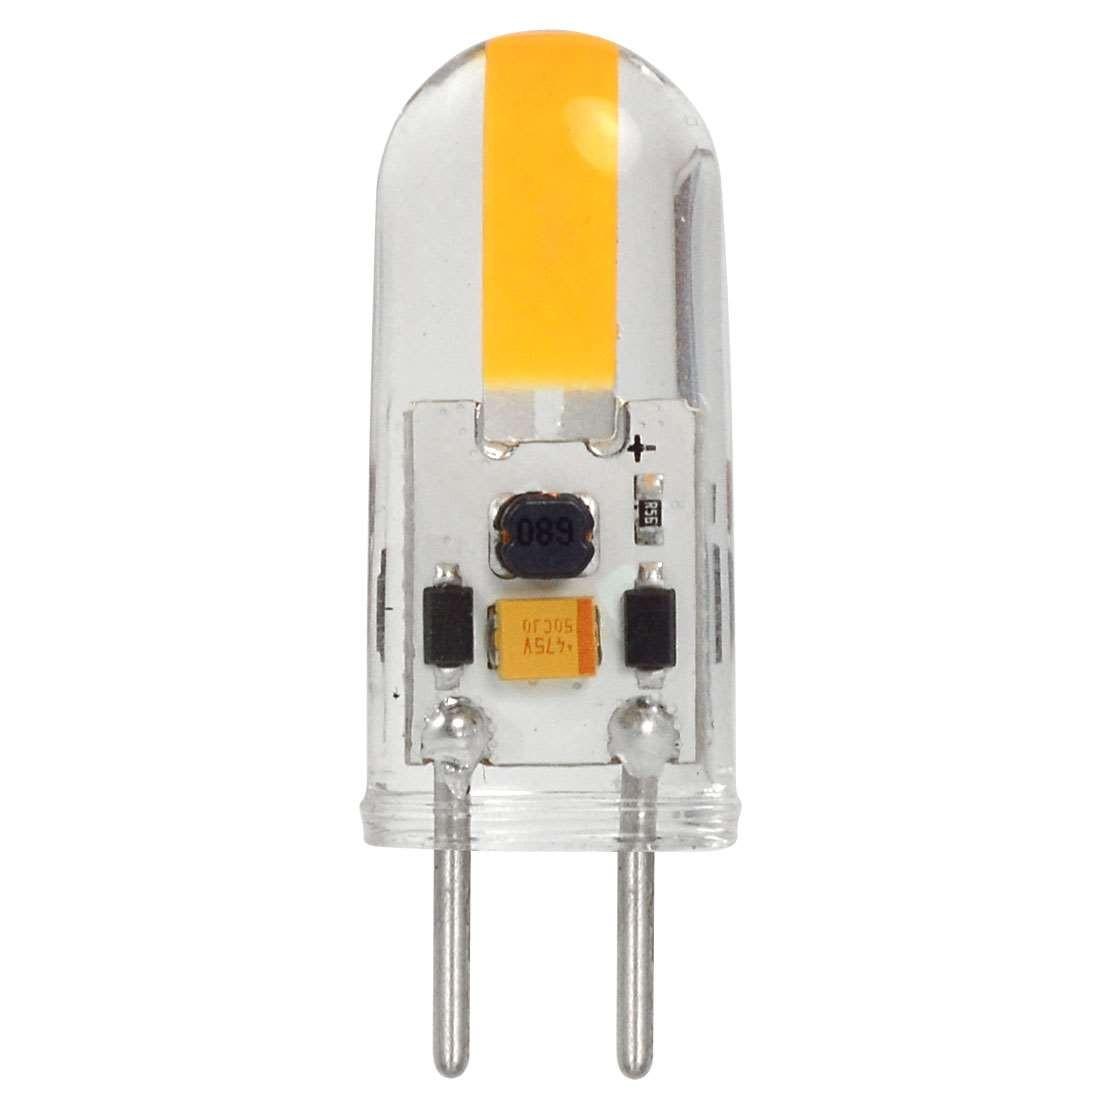 Mengsled Mengs 3w Led Light Cob Led Bulb Lamp Ac Dc 12v In Warm White Cool White